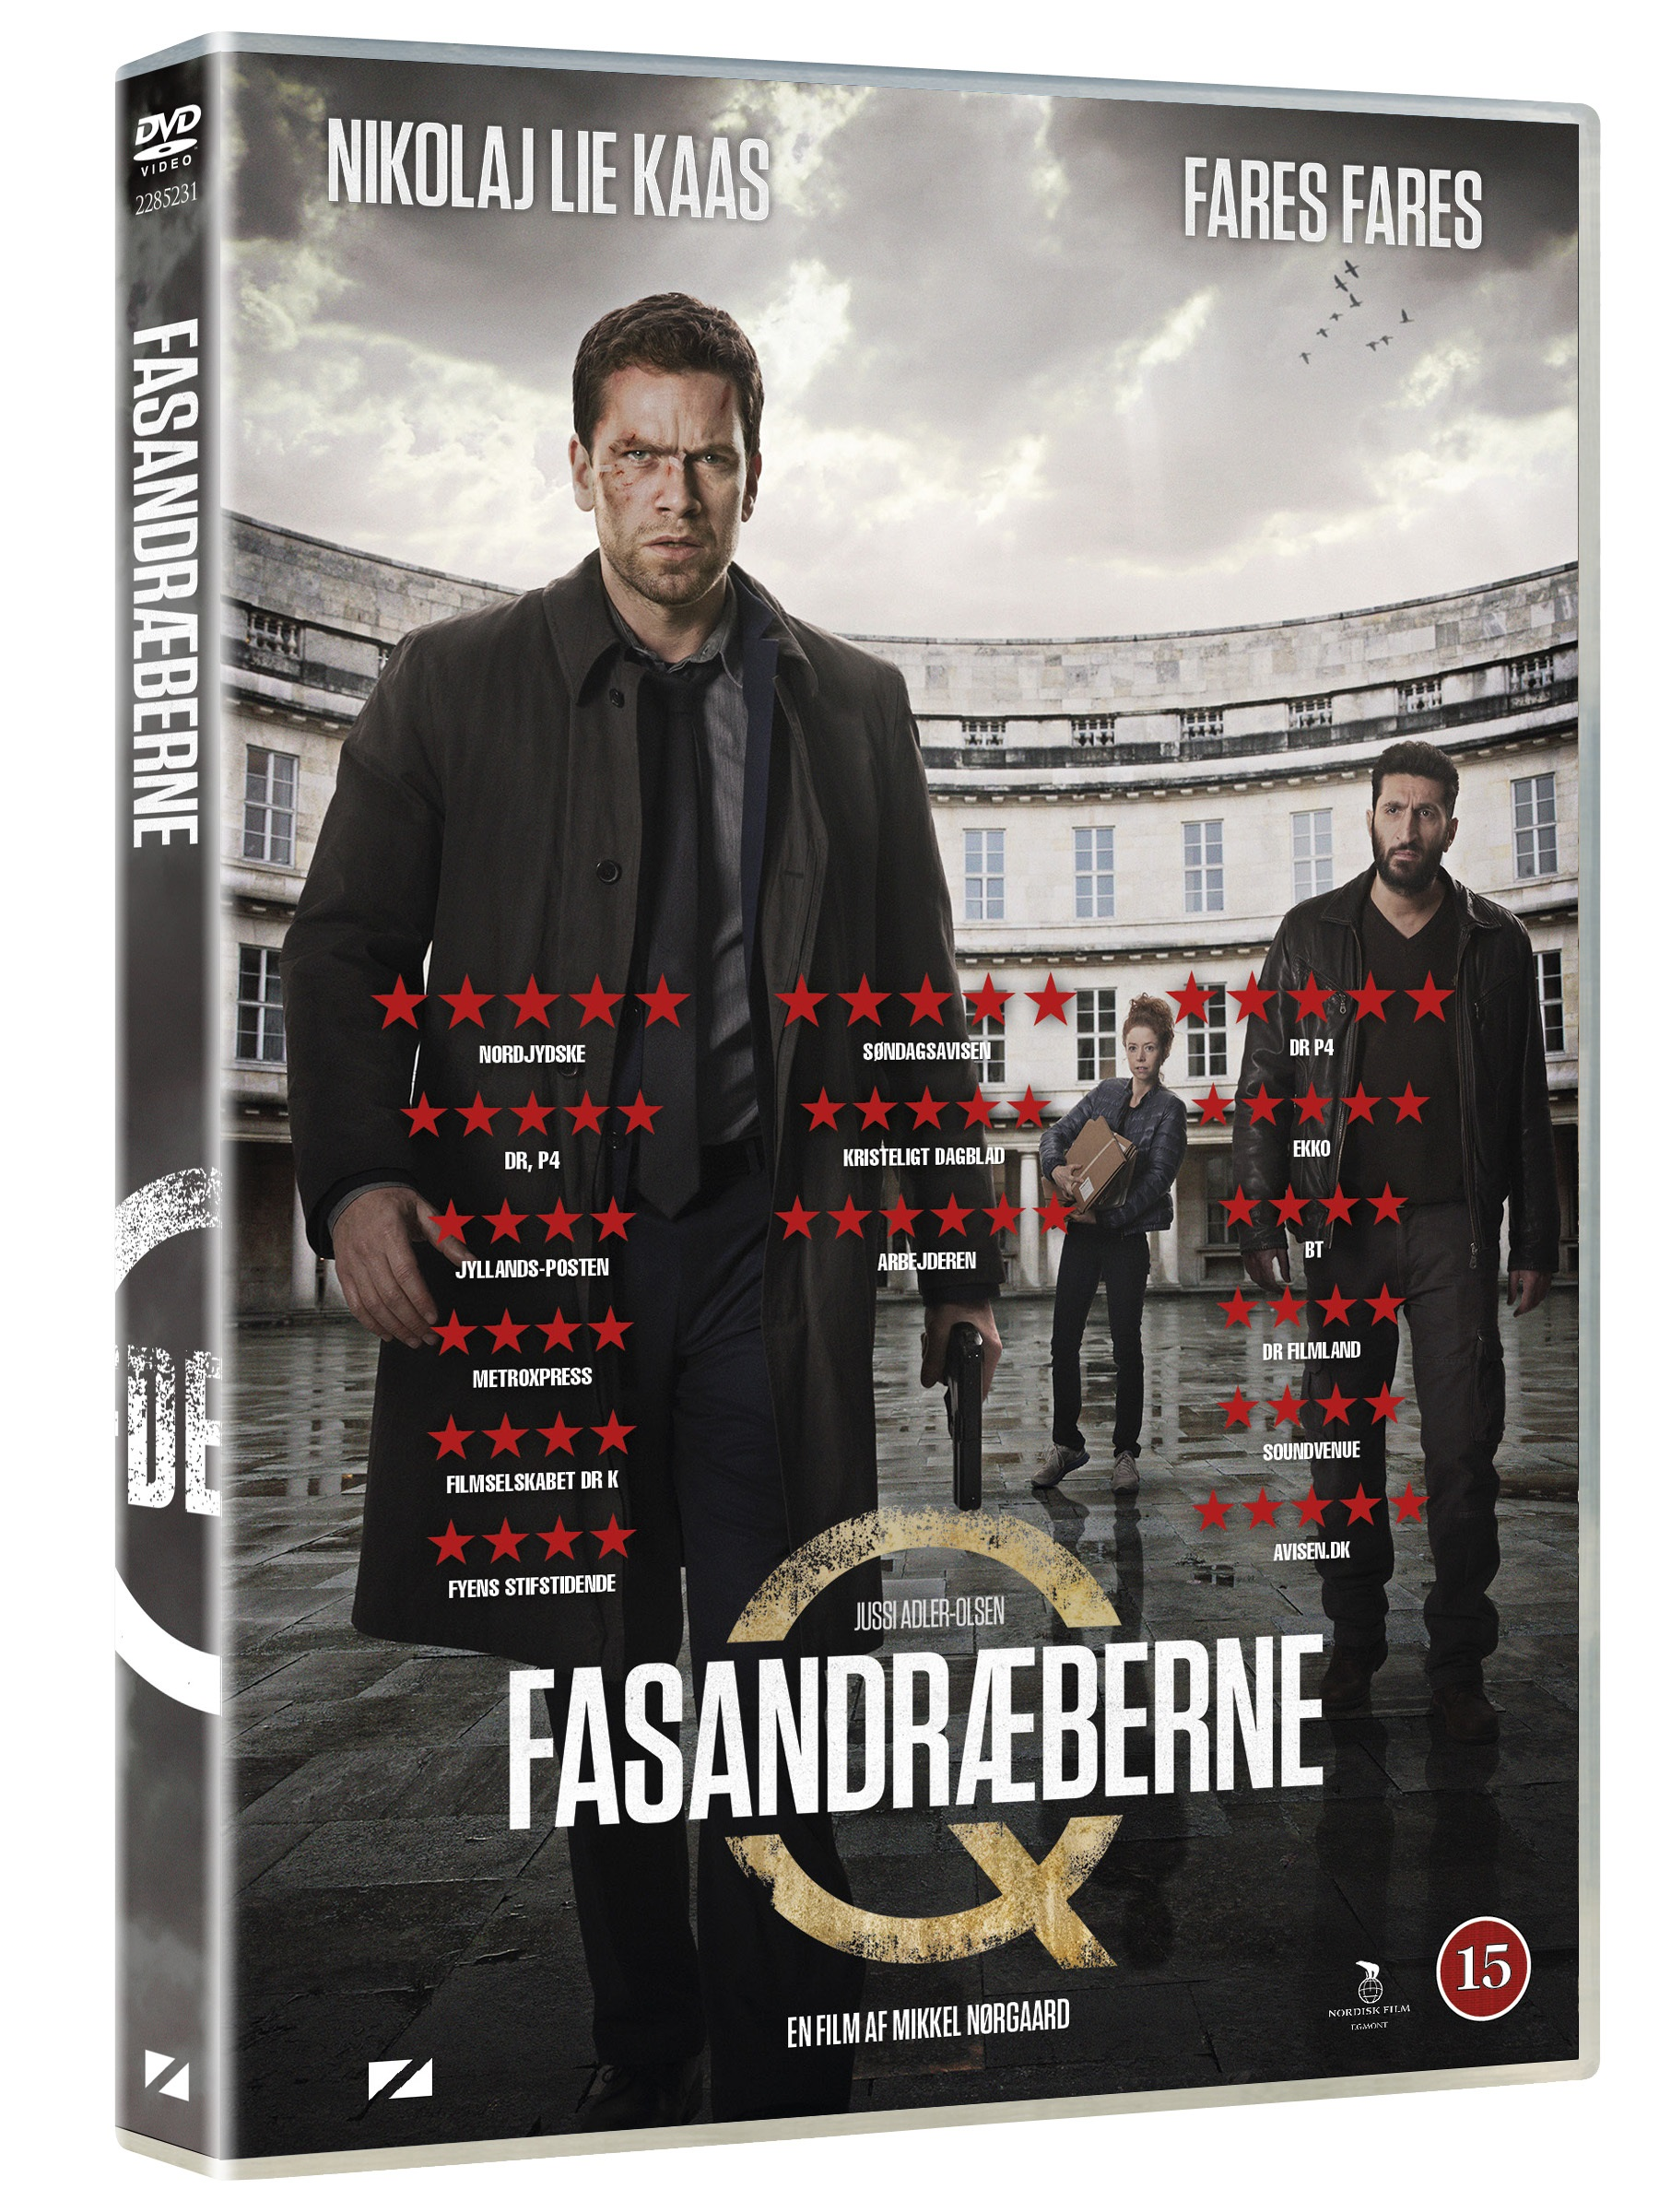 Fasandræberne -  - Film -  - 5708758706278 - 20/1-2015